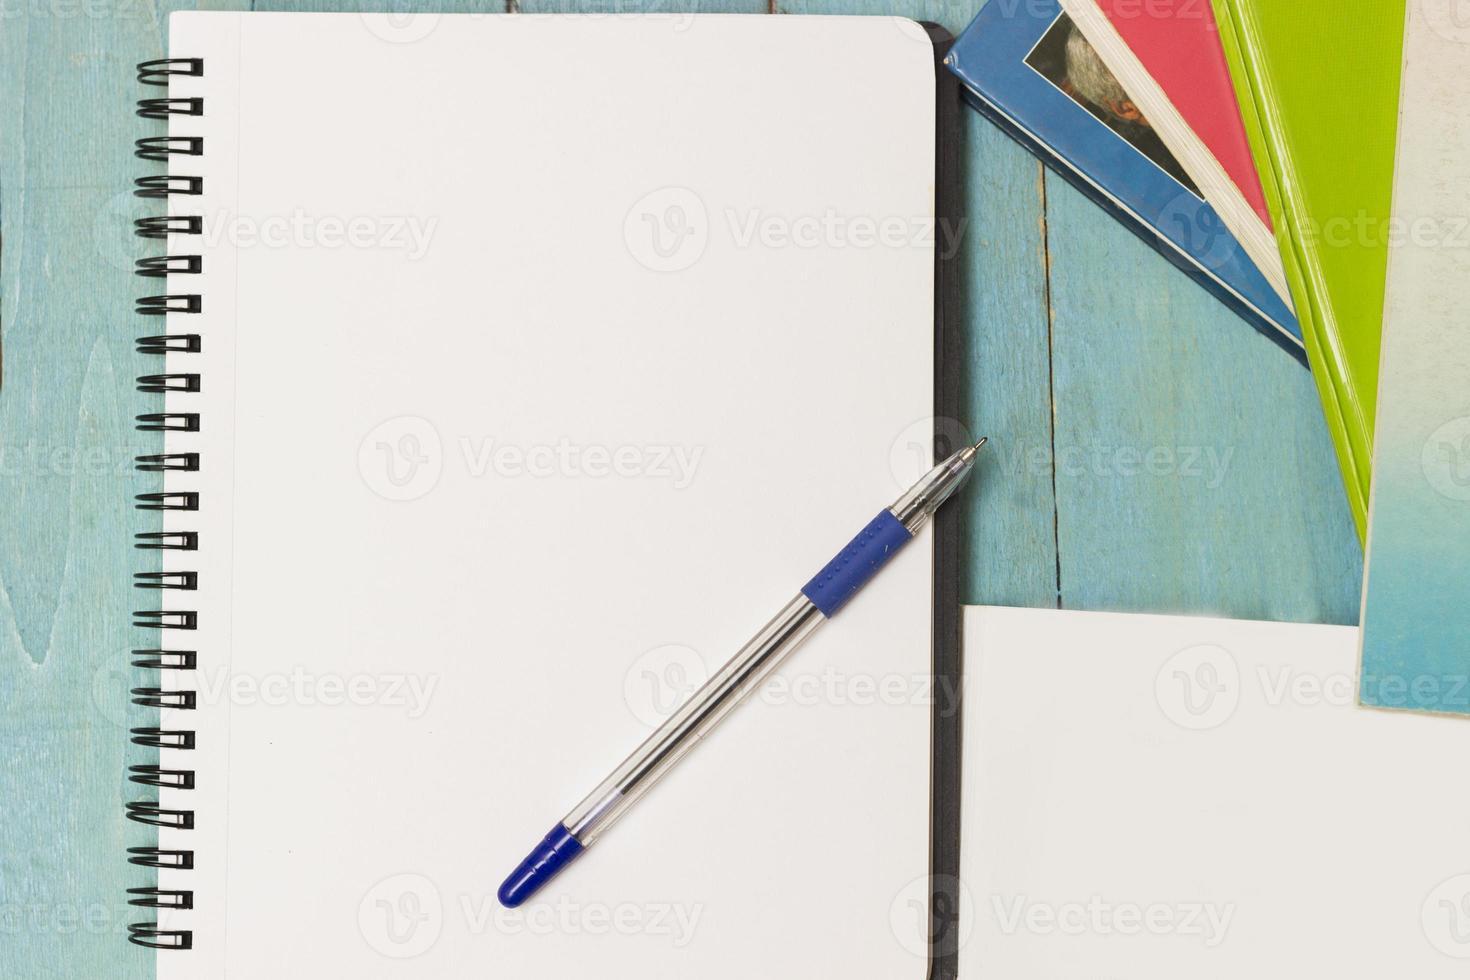 livros e cadernos foto